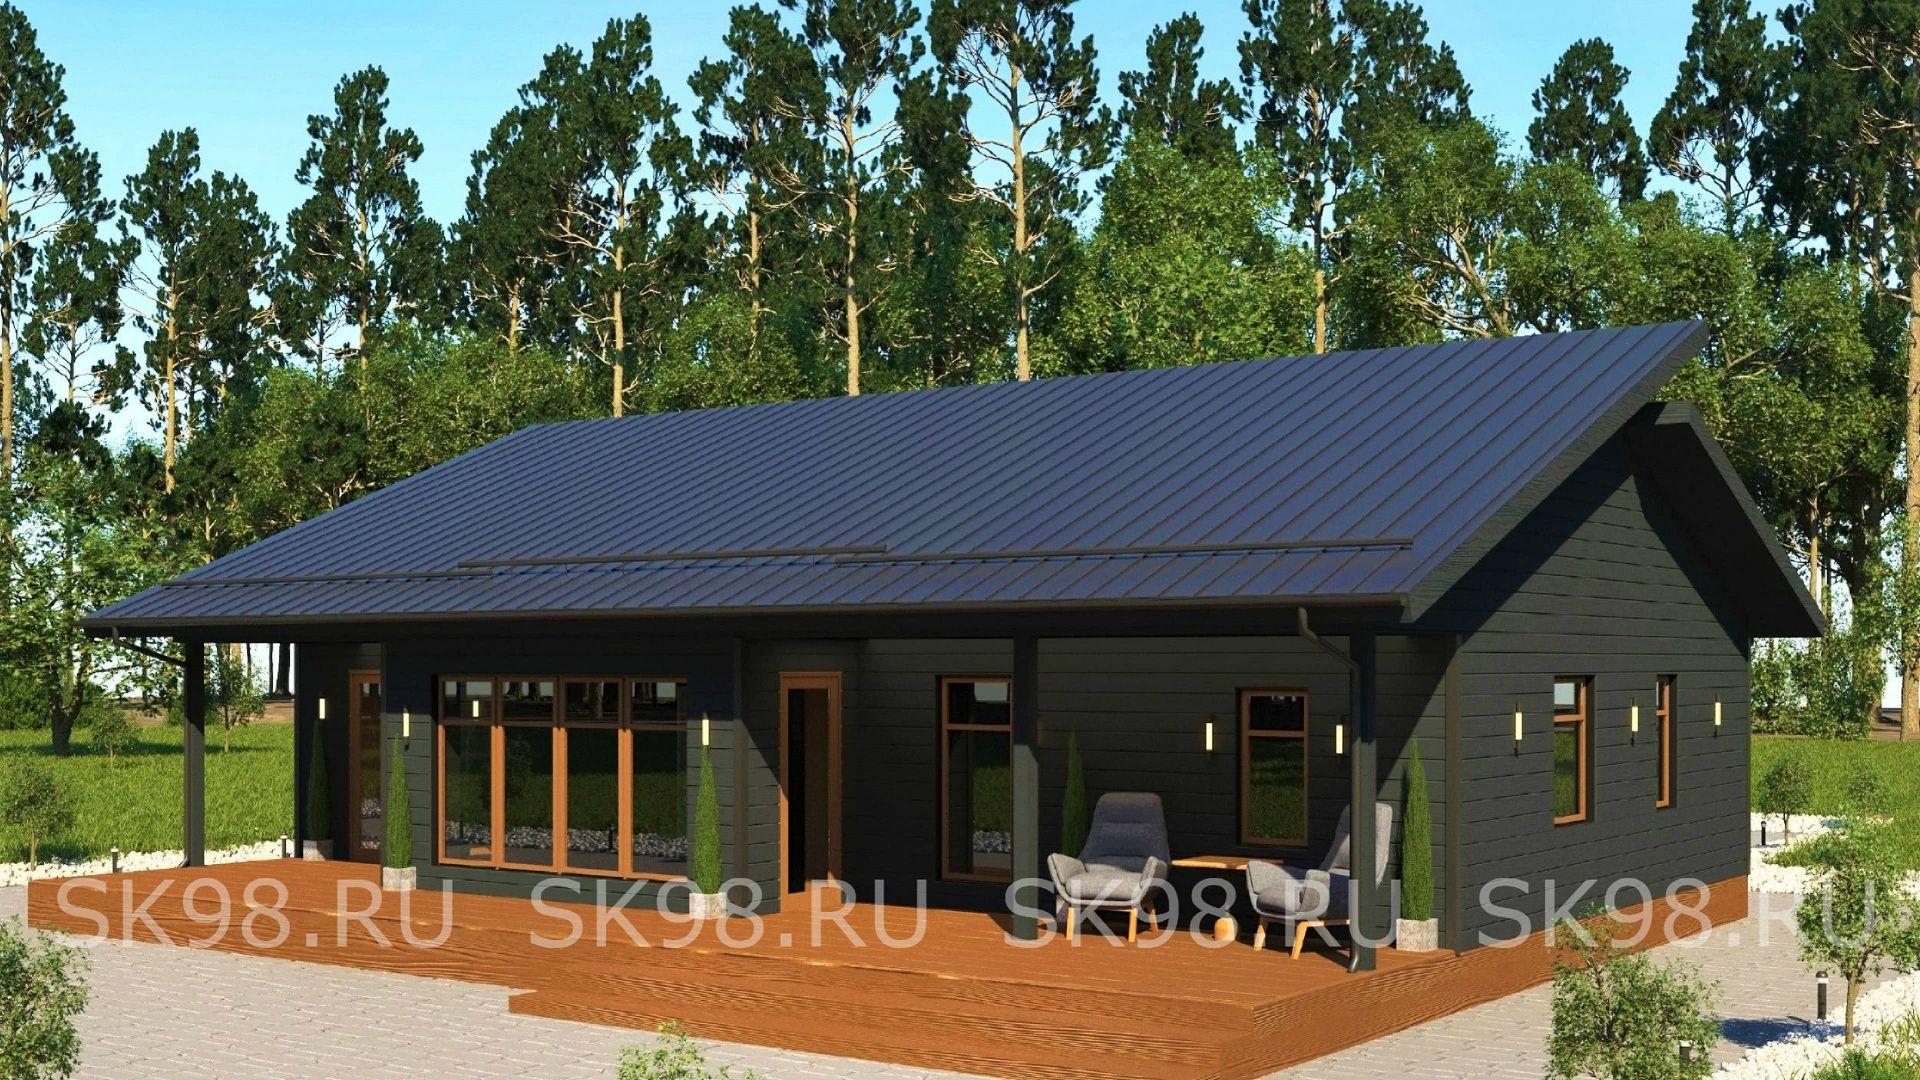 проект одноэтажного дома - ONE 100